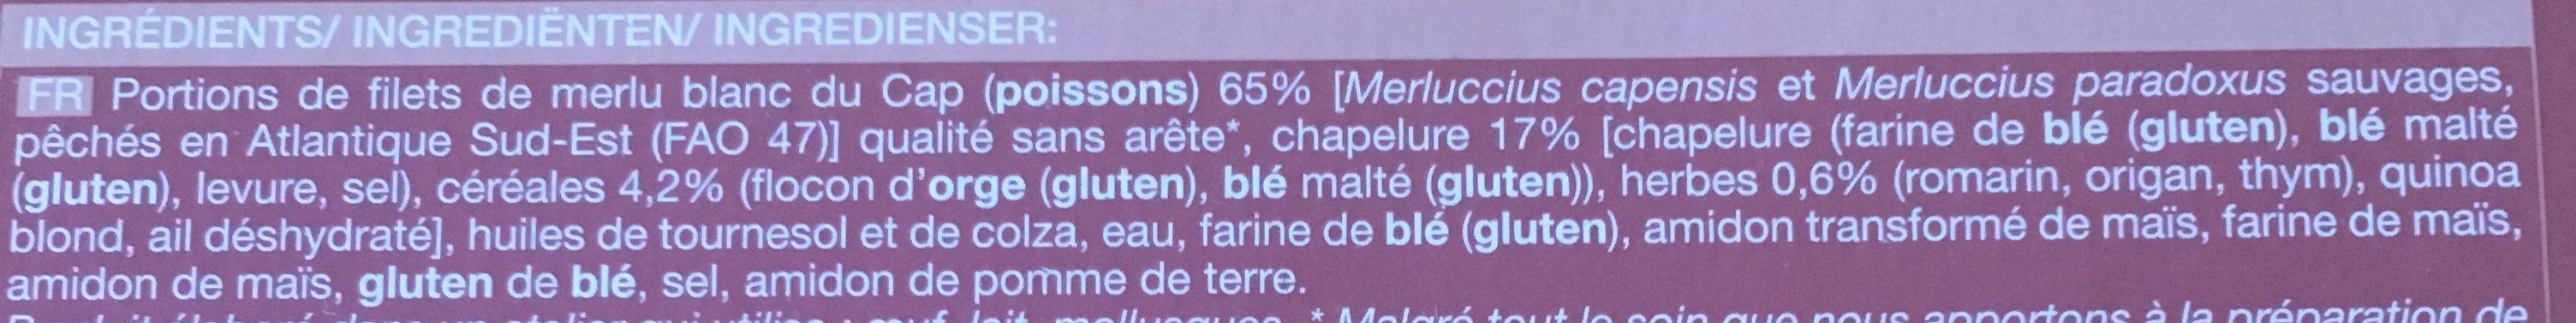 Aiguillettes de Merlu Blanc du Cap, Panure Céréales aux Herbes - Ingredients